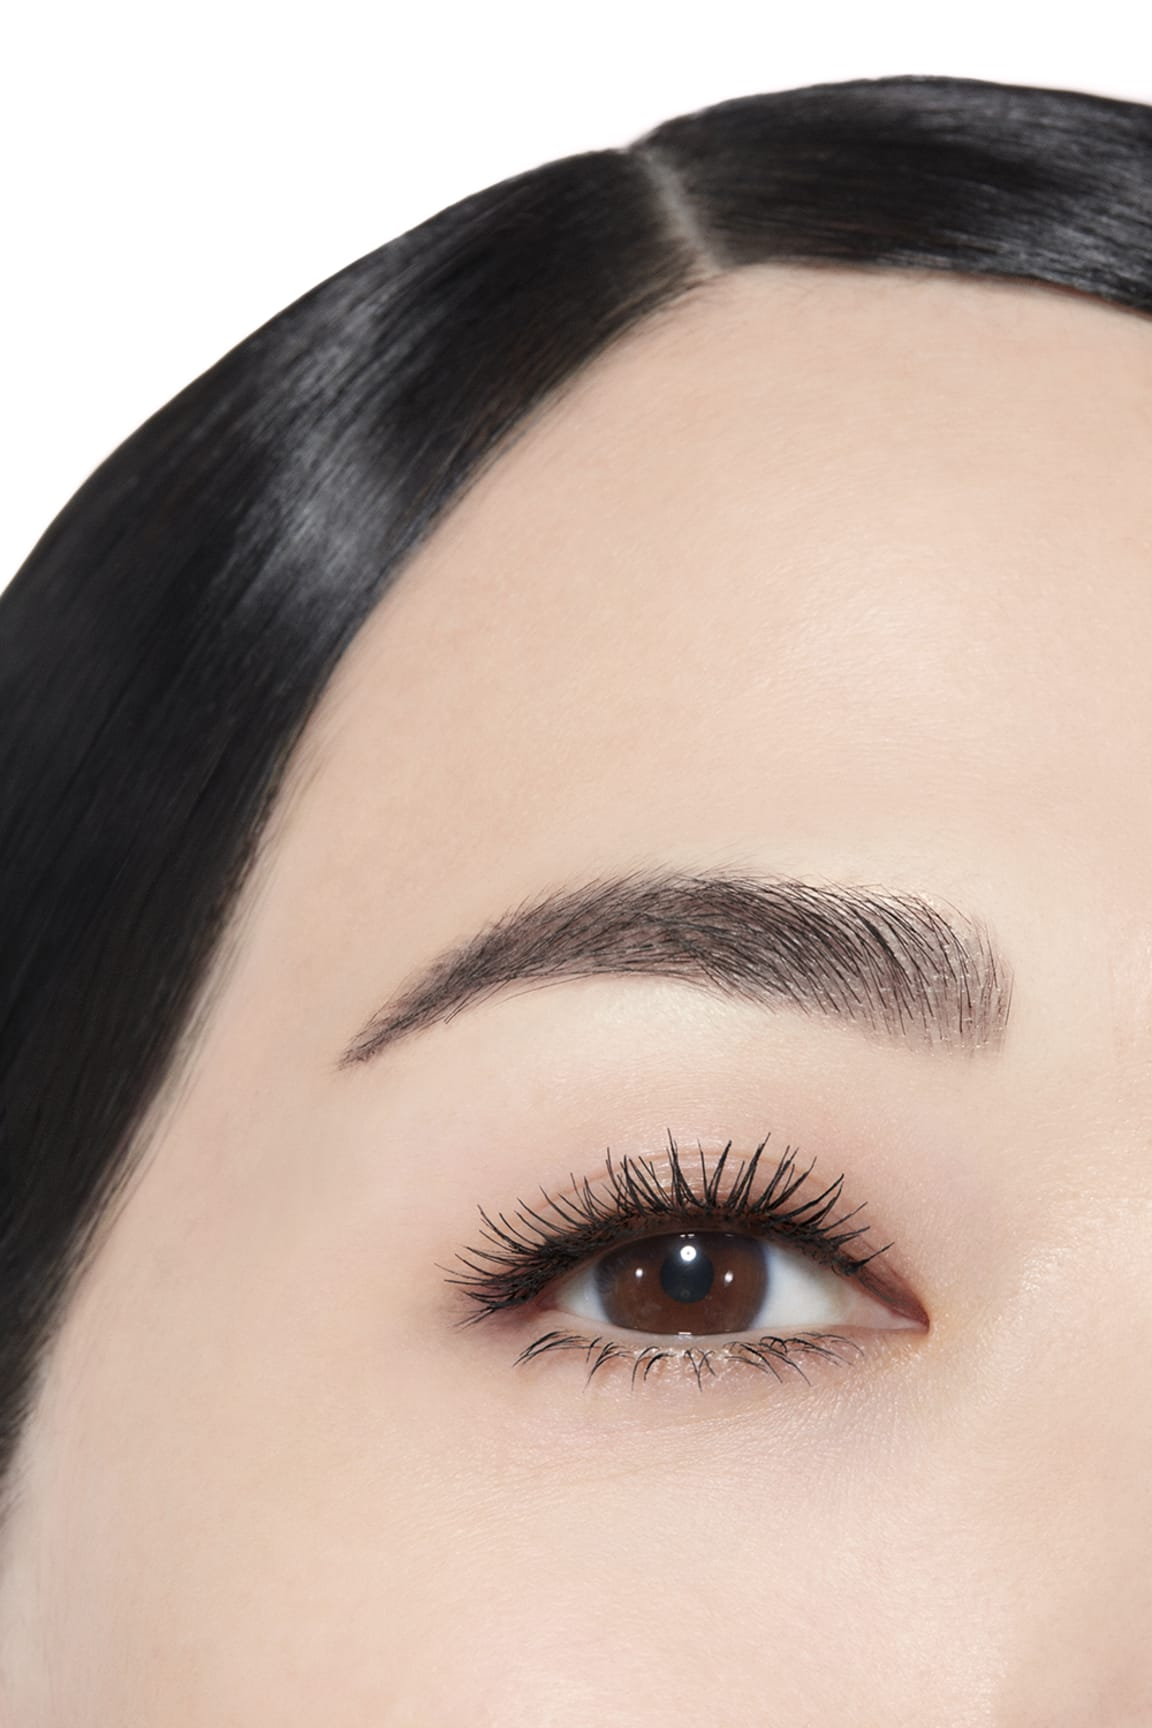 Visuel d'application maquillage 1 - LE VOLUME DE CHANEL WATERPROOF 10 - NOIR